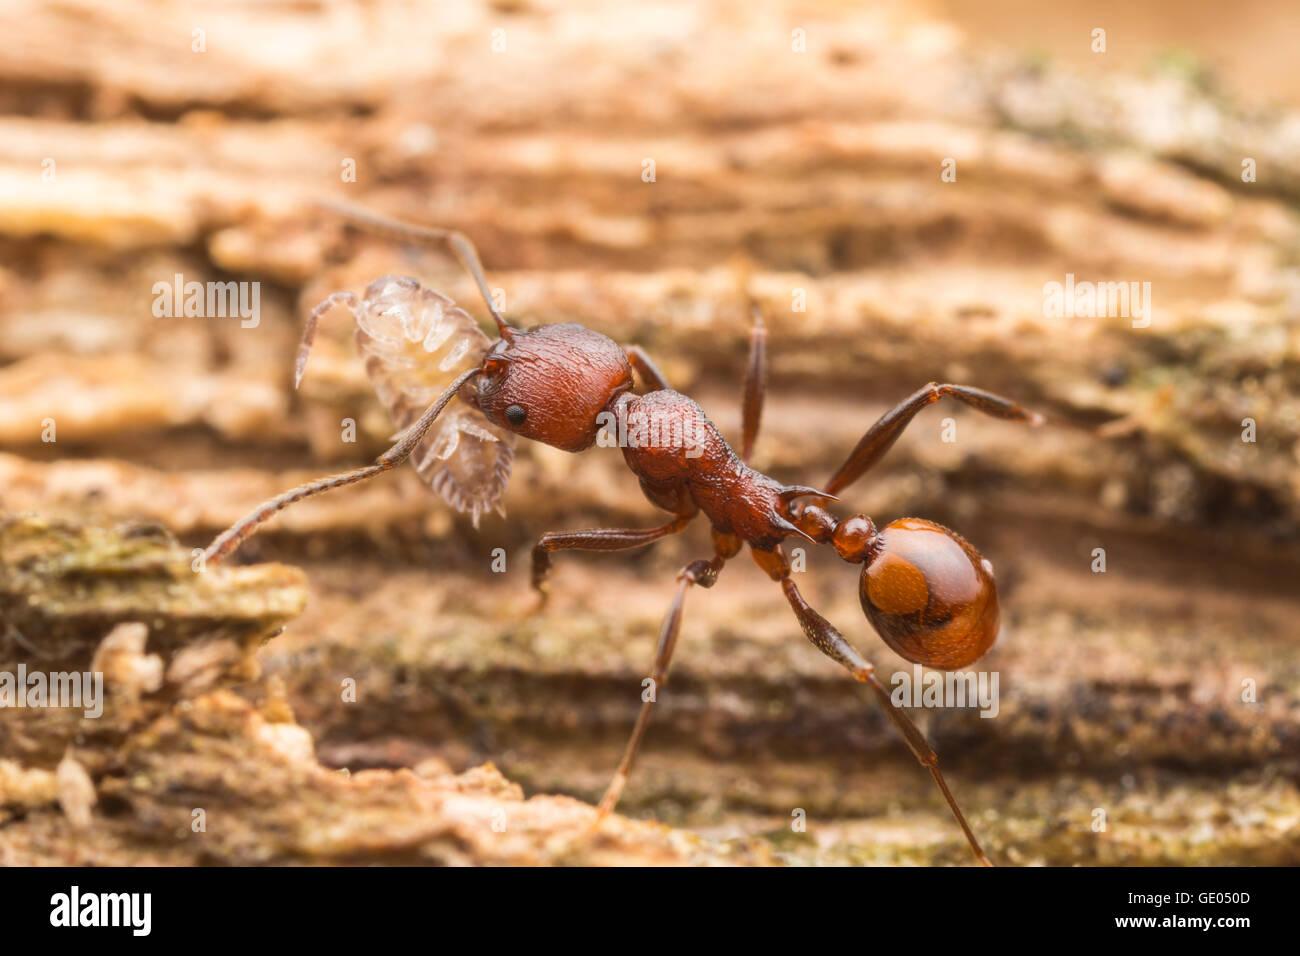 Un dorso-cintata Ant (Aphaenogaster tennesseensis) lavoratore svolge la sua spazzato il cibo, un woodlouse, torna Immagini Stock